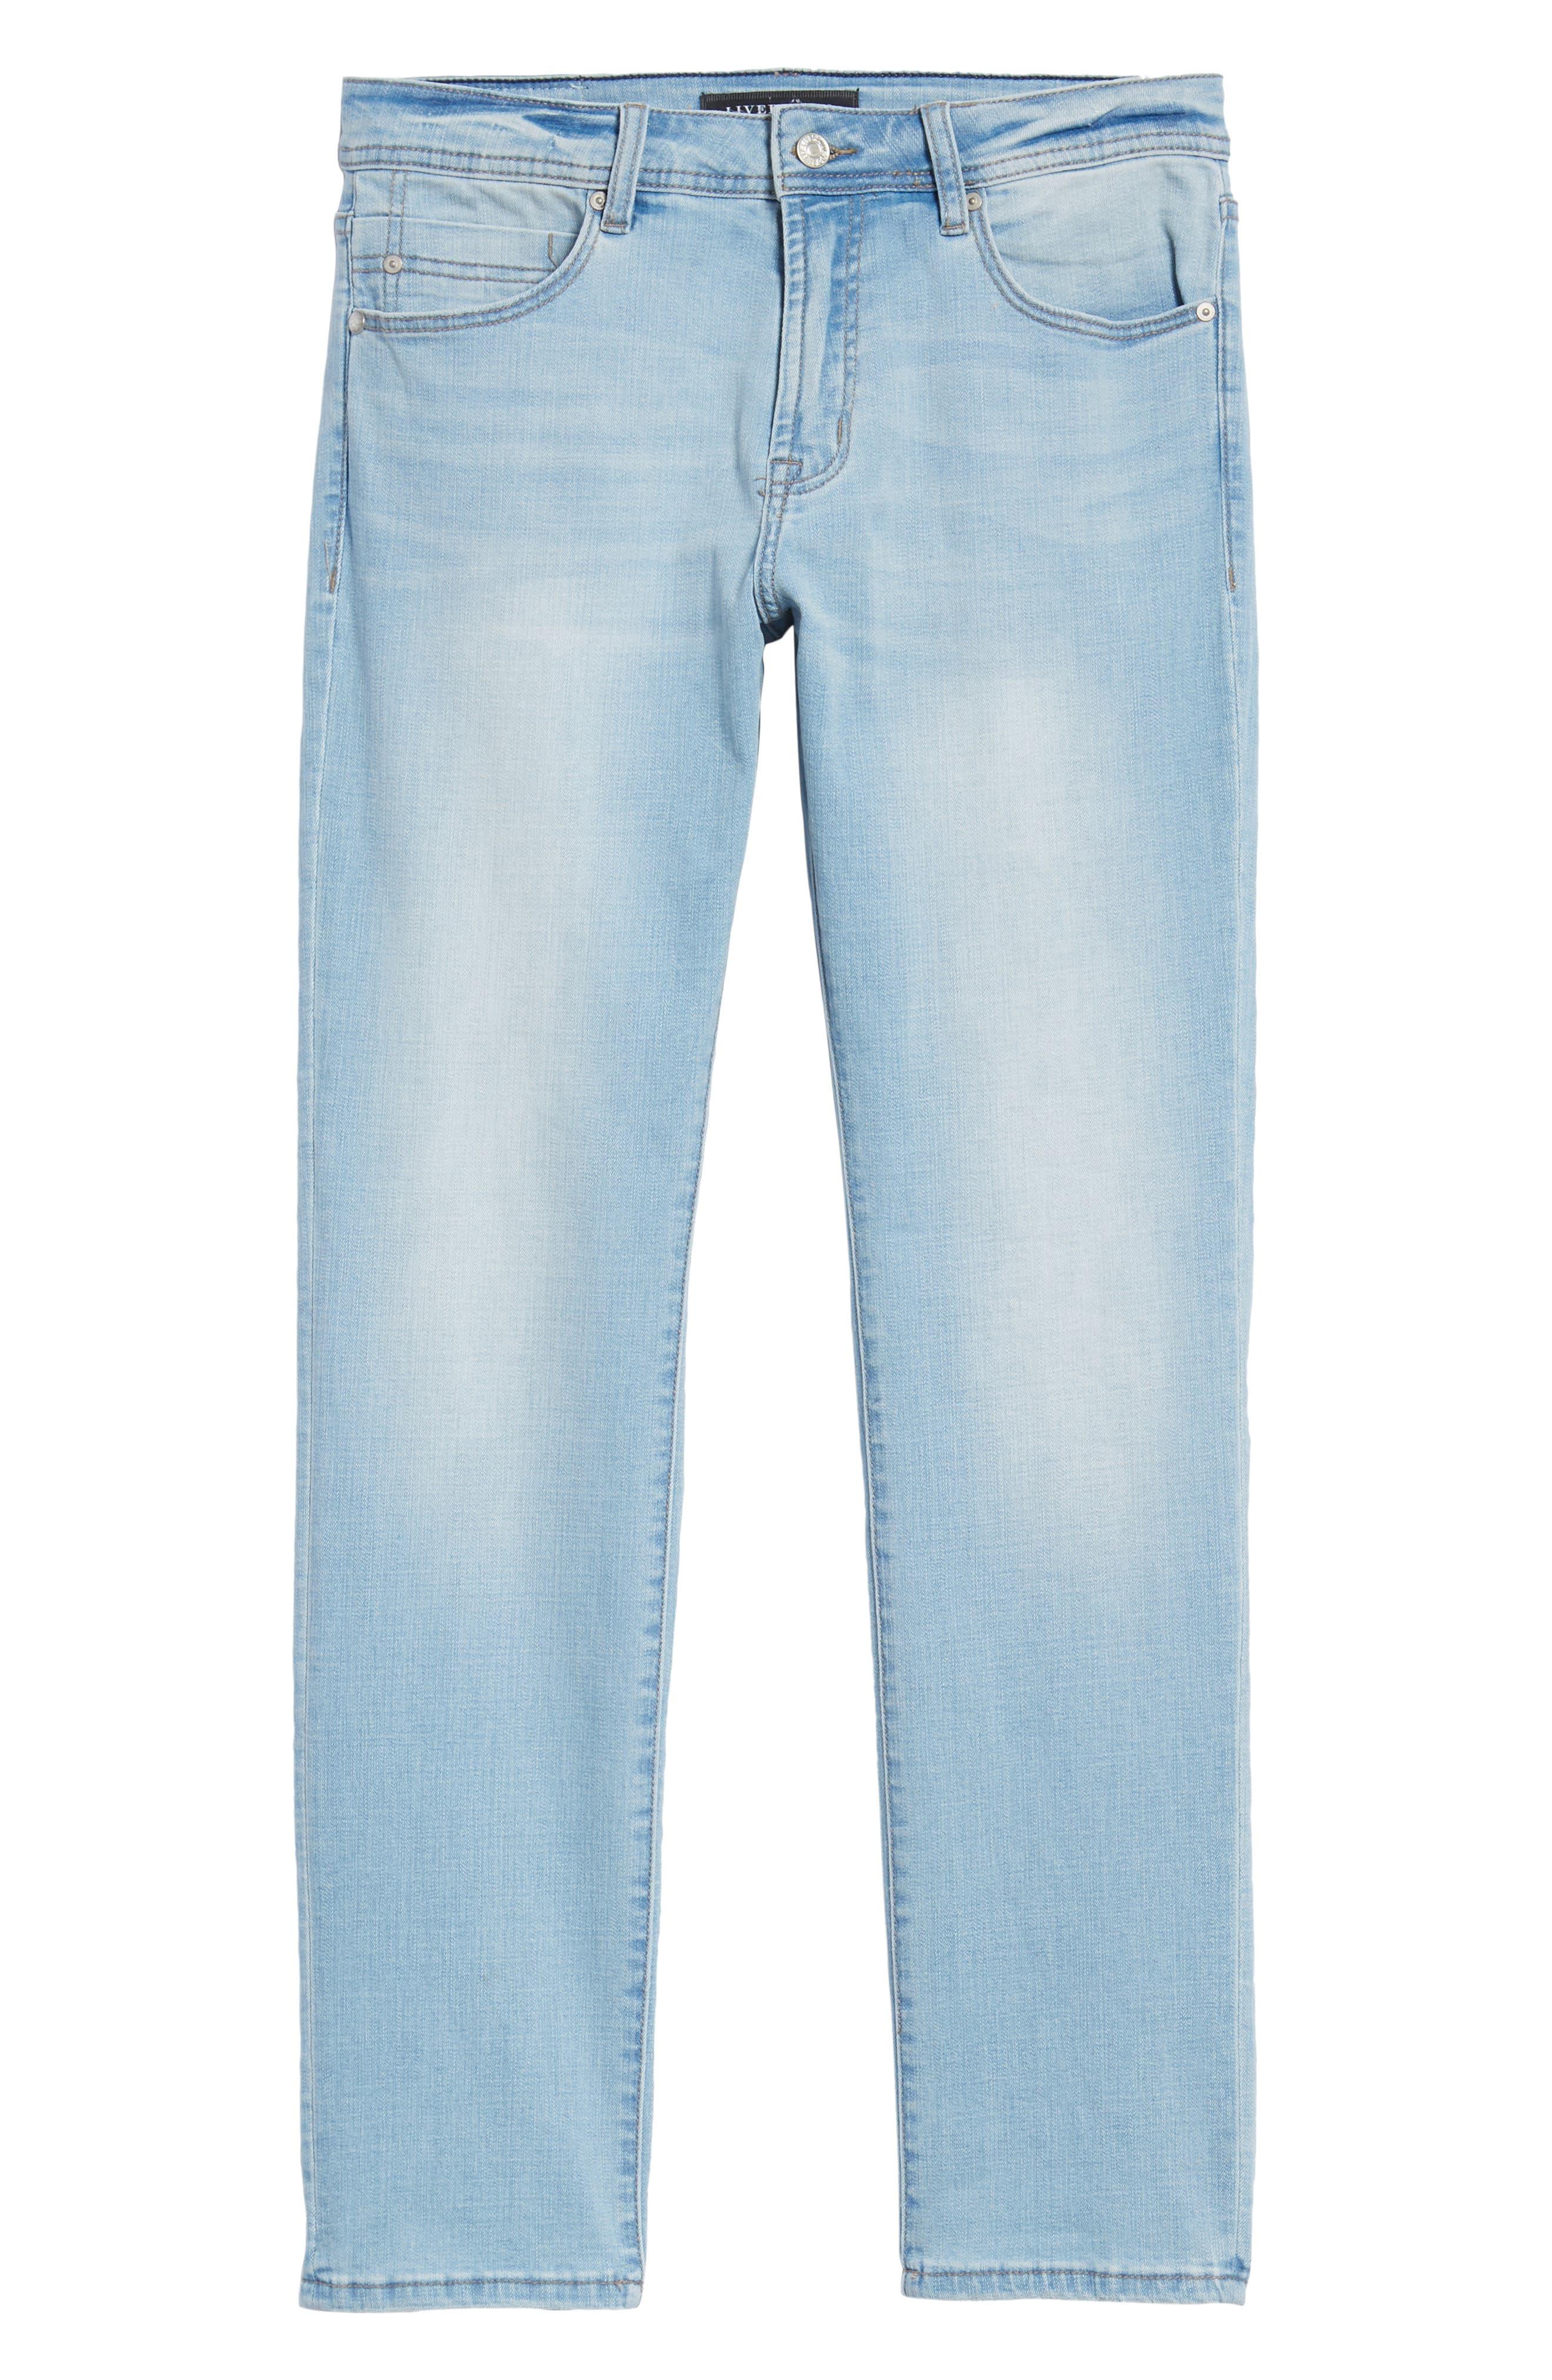 Jeans Co. Straight Leg Jeans,                             Alternate thumbnail 6, color,                             Riverside Light